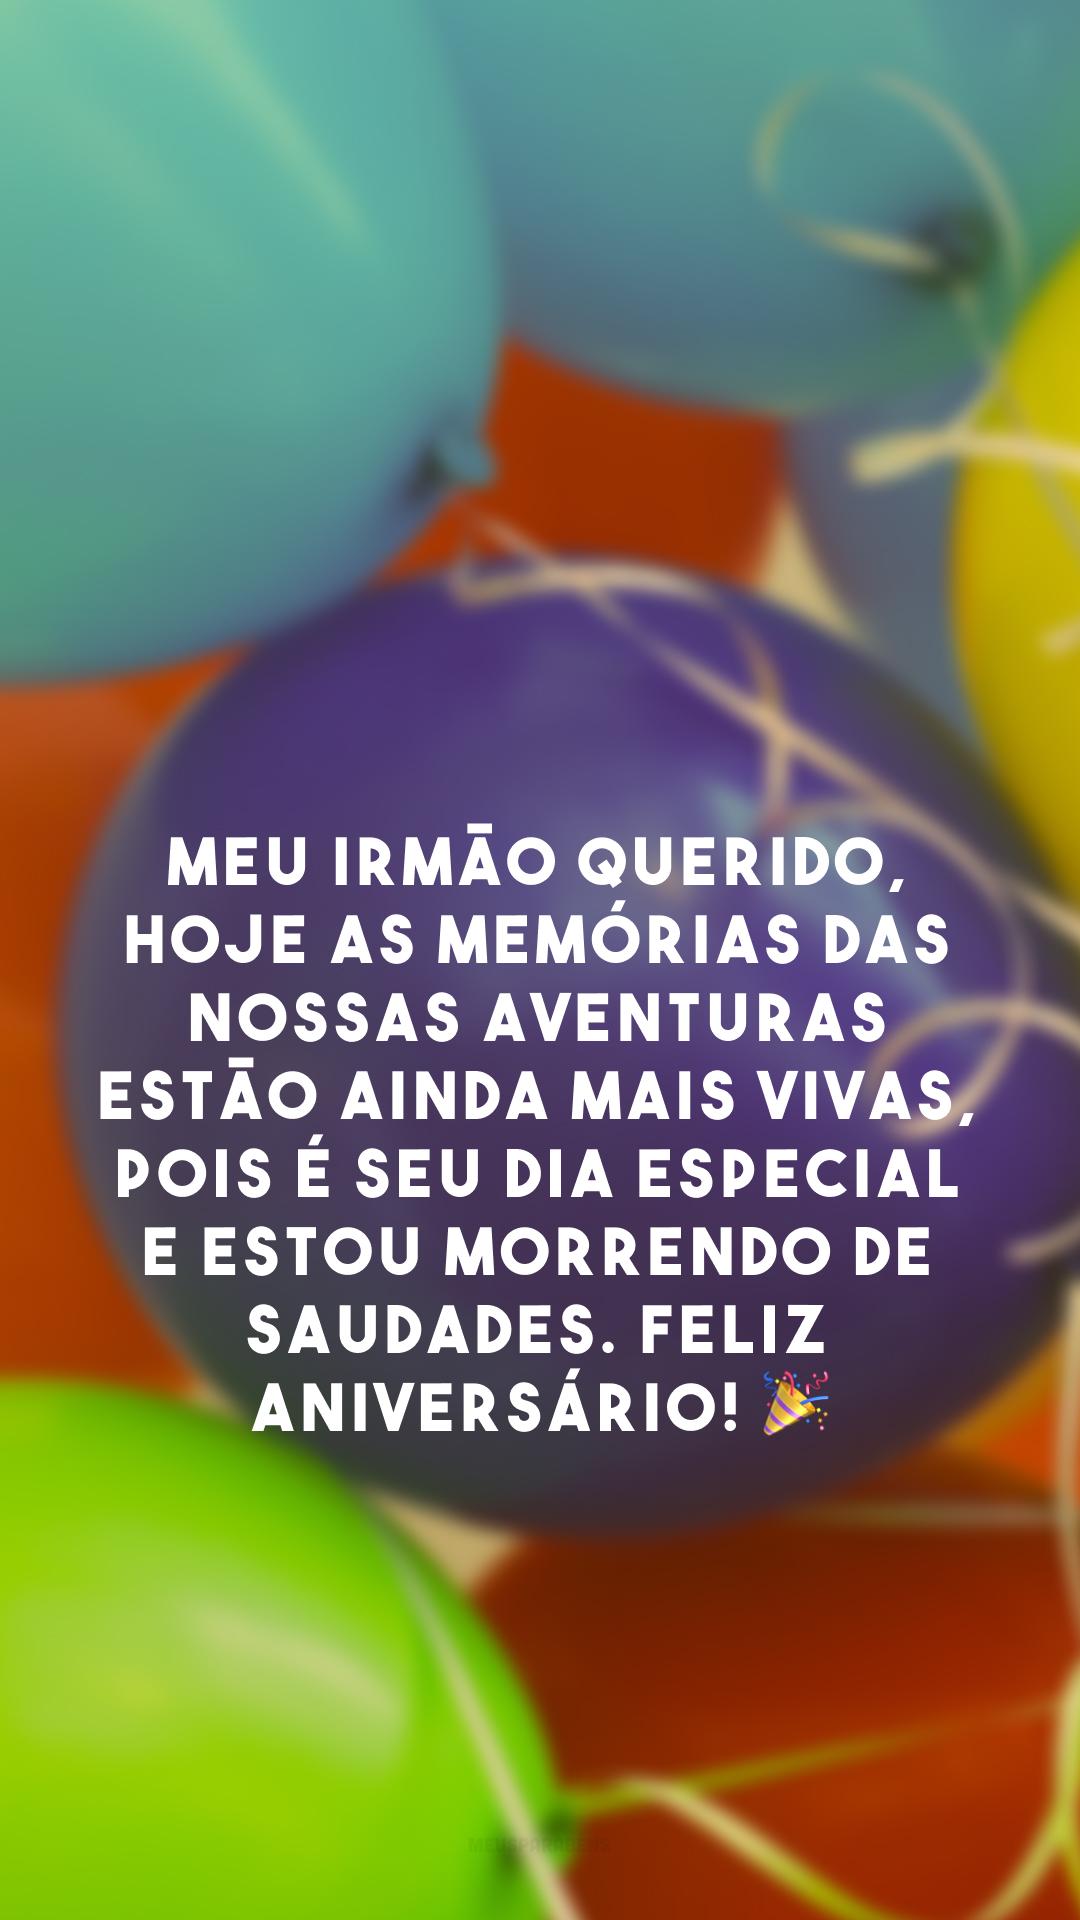 Meu irmão querido, hoje as memórias das nossas aventuras estão ainda mais vivas, pois é seu dia especial e estou morrendo de saudades. Feliz aniversário!